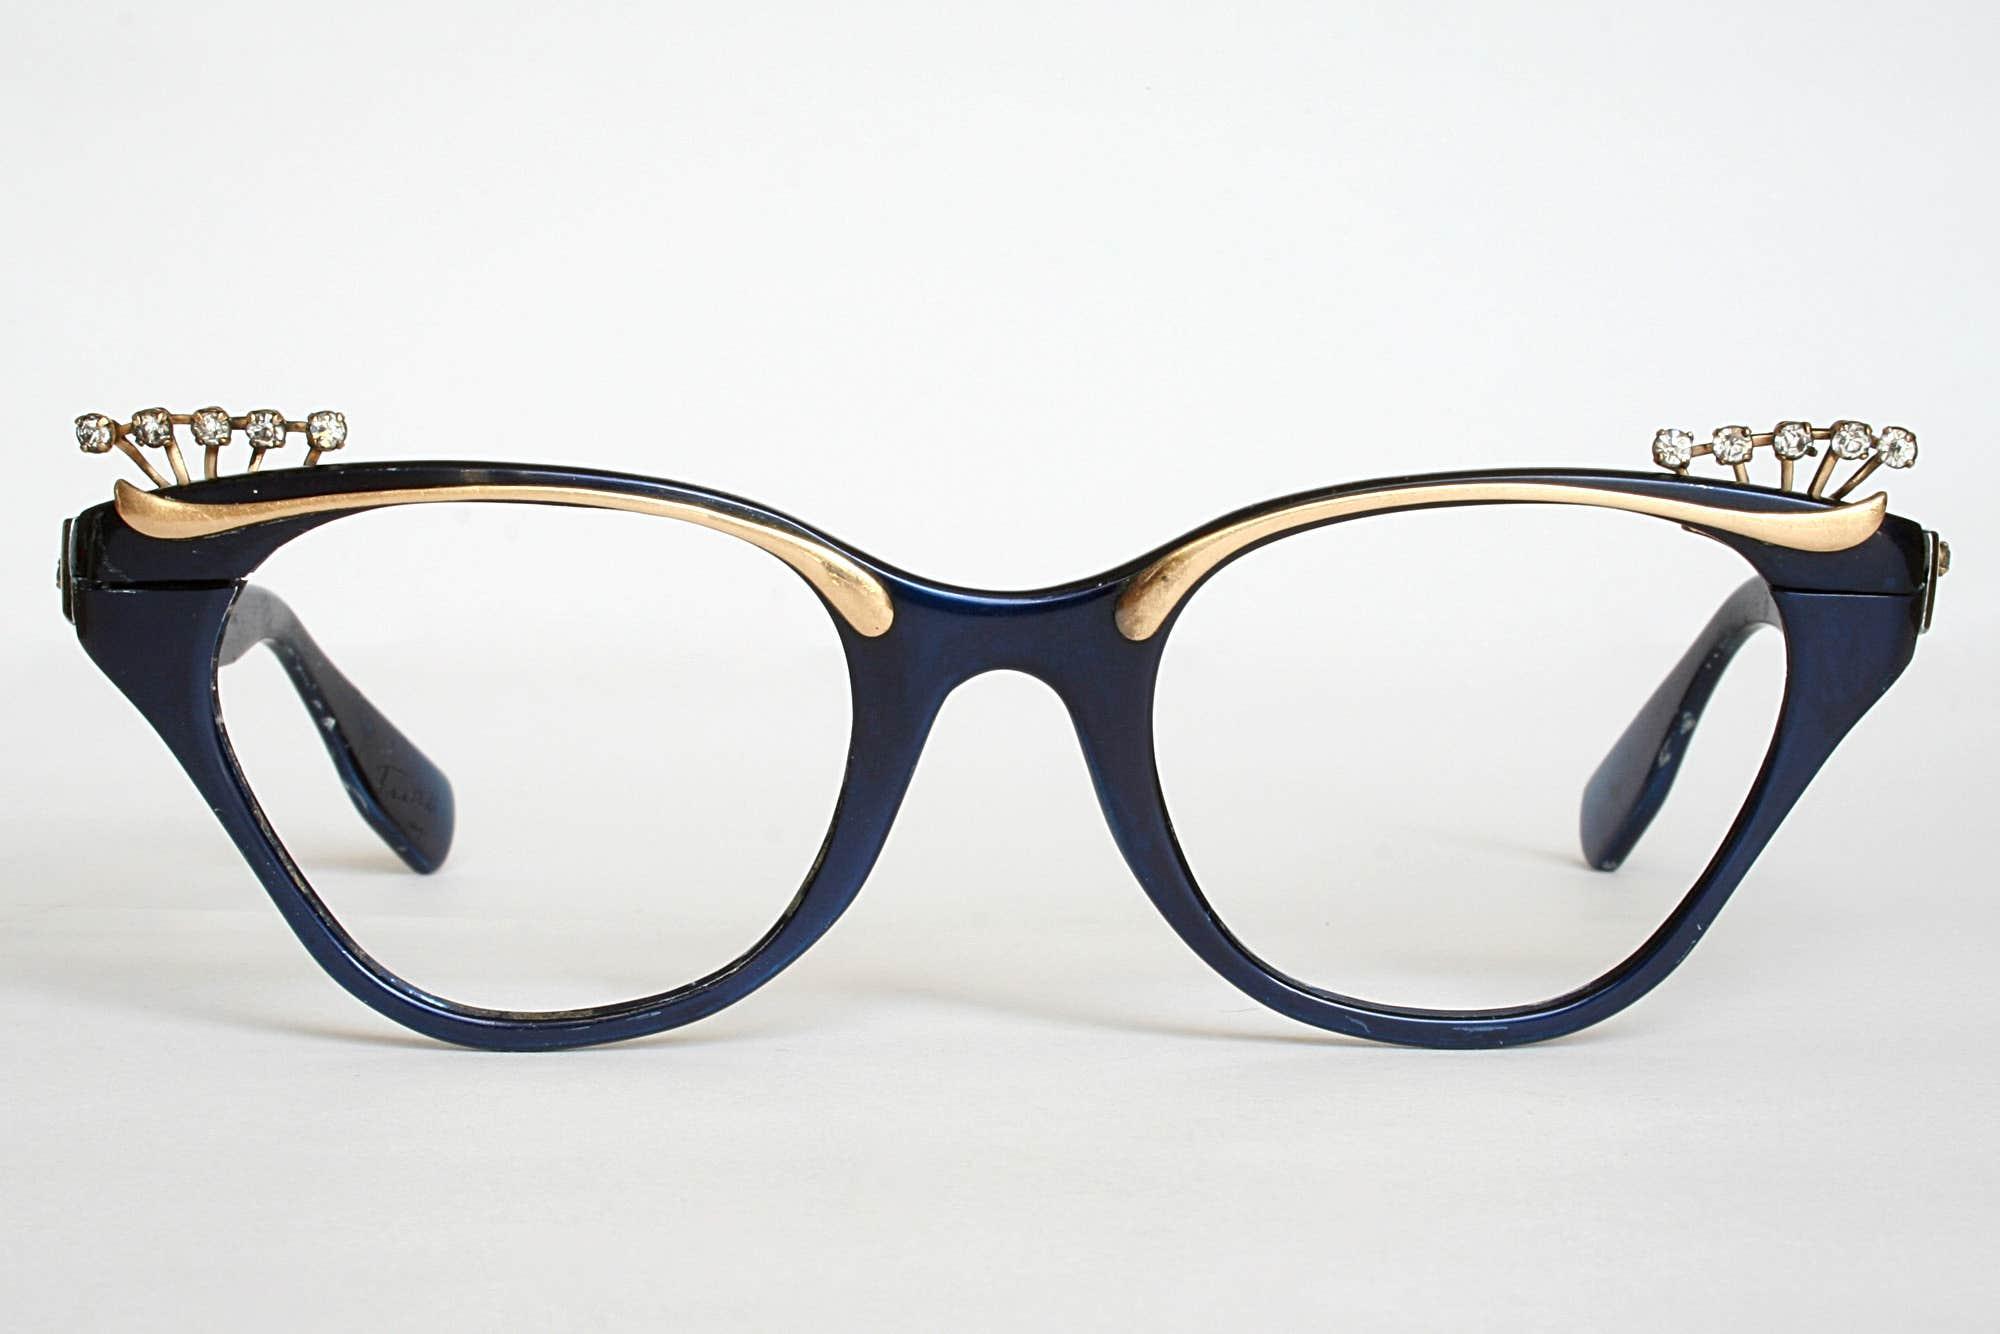 Unique Cat Eye Glasses Frame Vintage : Vintage Eyewear - A Fascination or A Trend? - Goggles4u.com